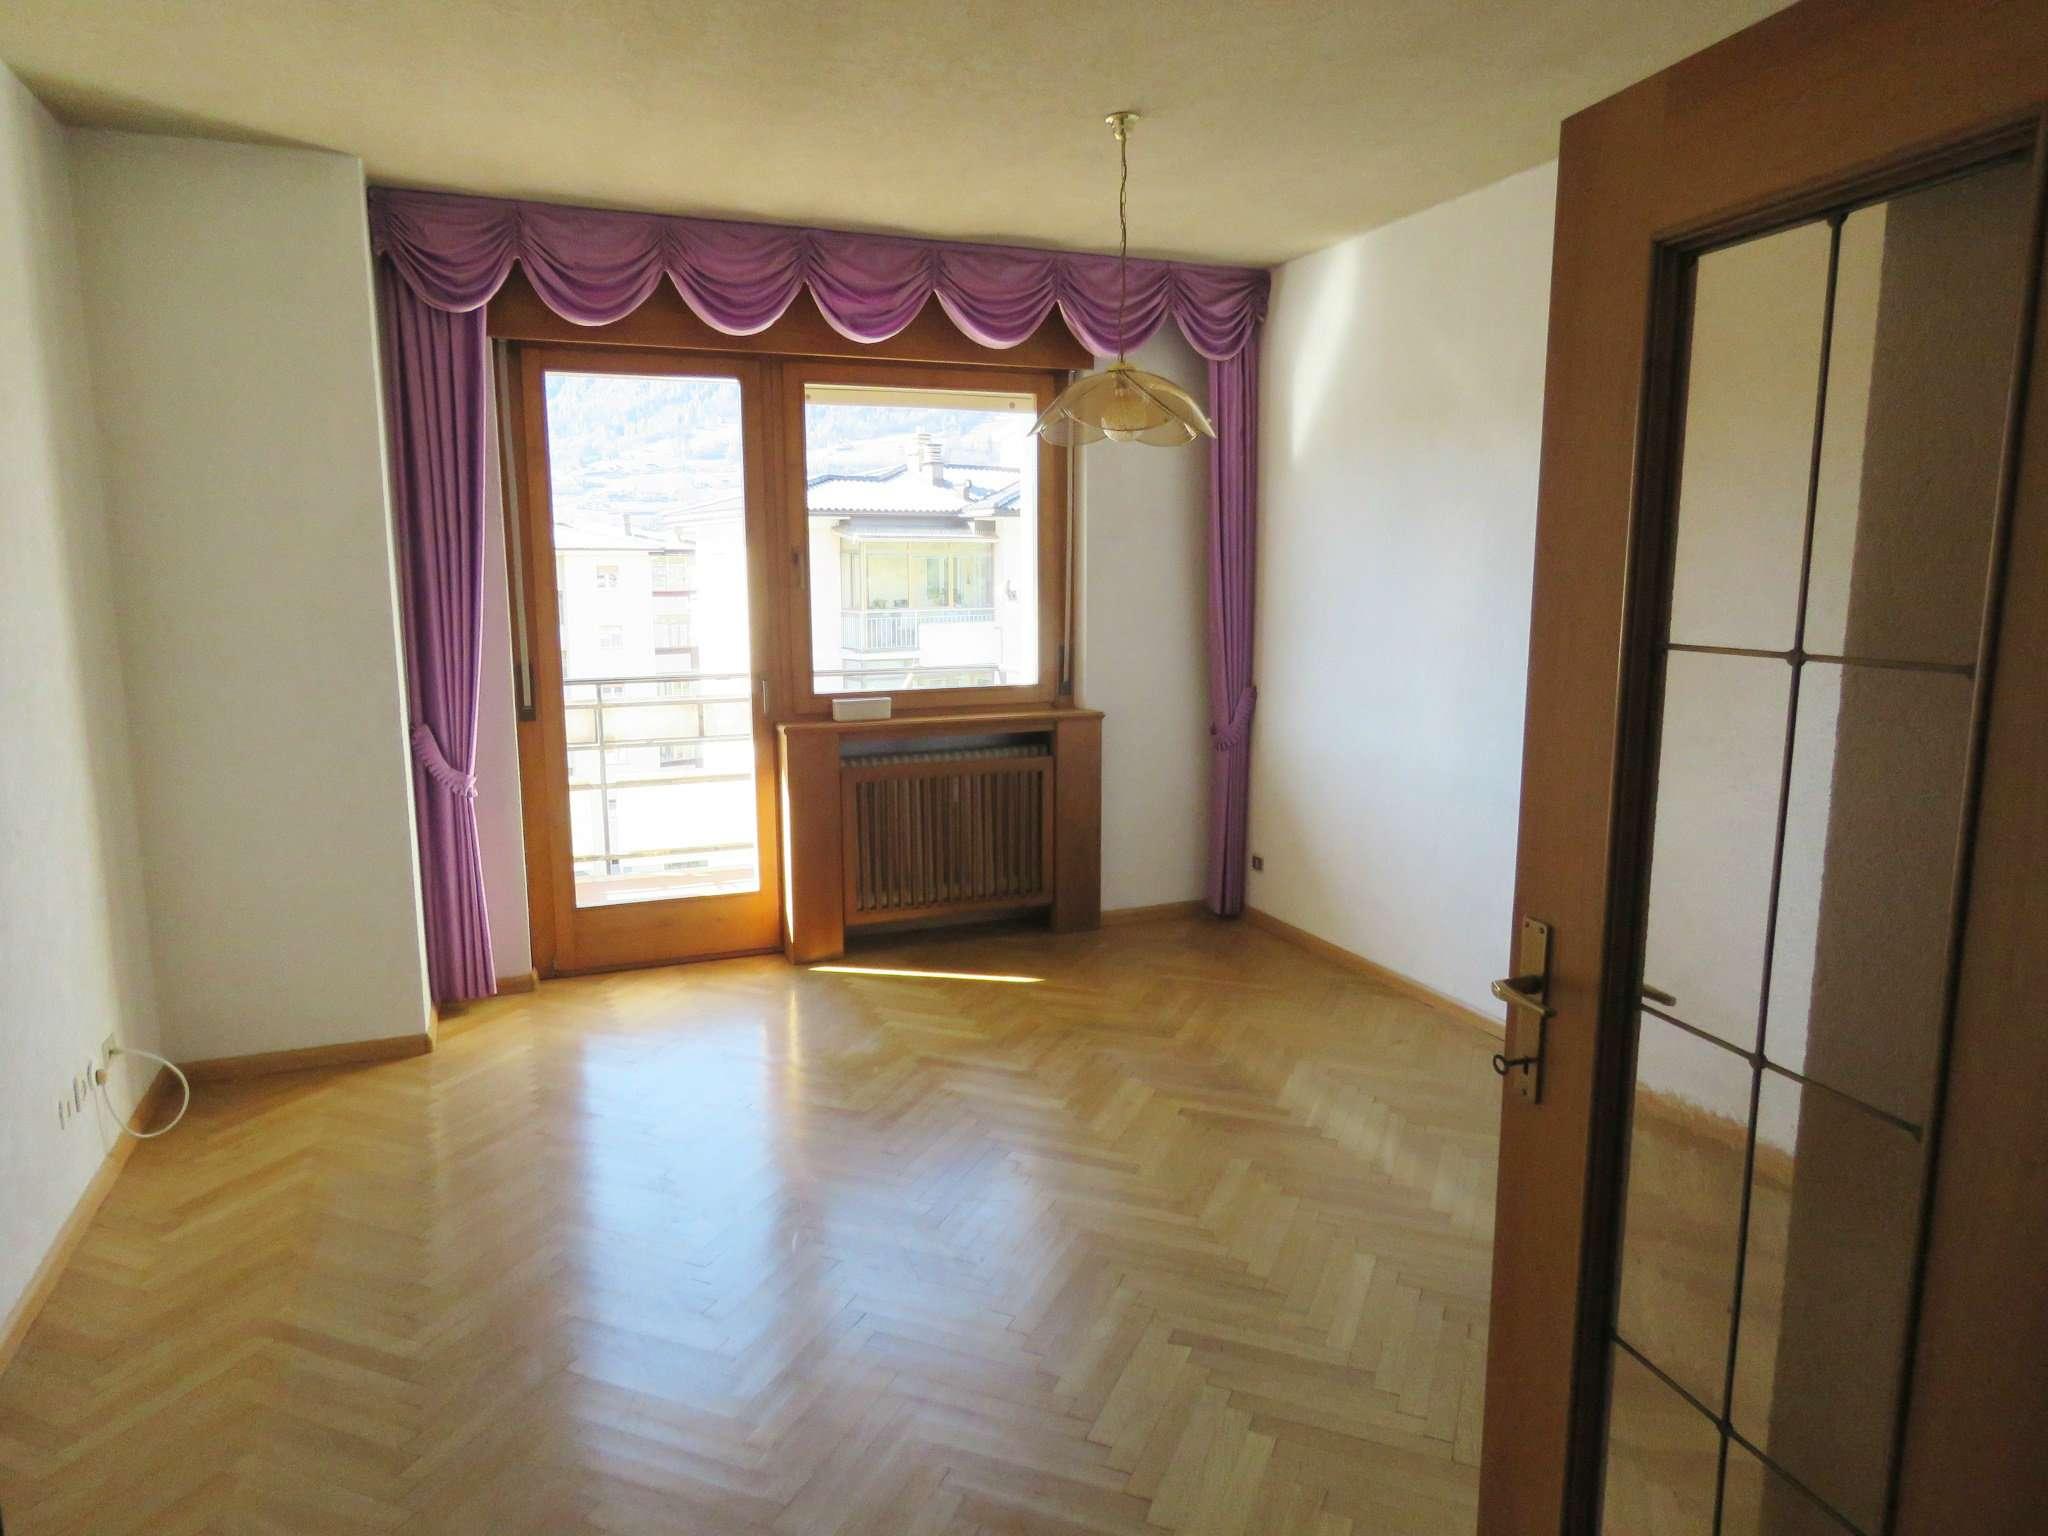 Attico / Mansarda in vendita a Merano, 4 locali, prezzo € 325.000 | Cambio Casa.it